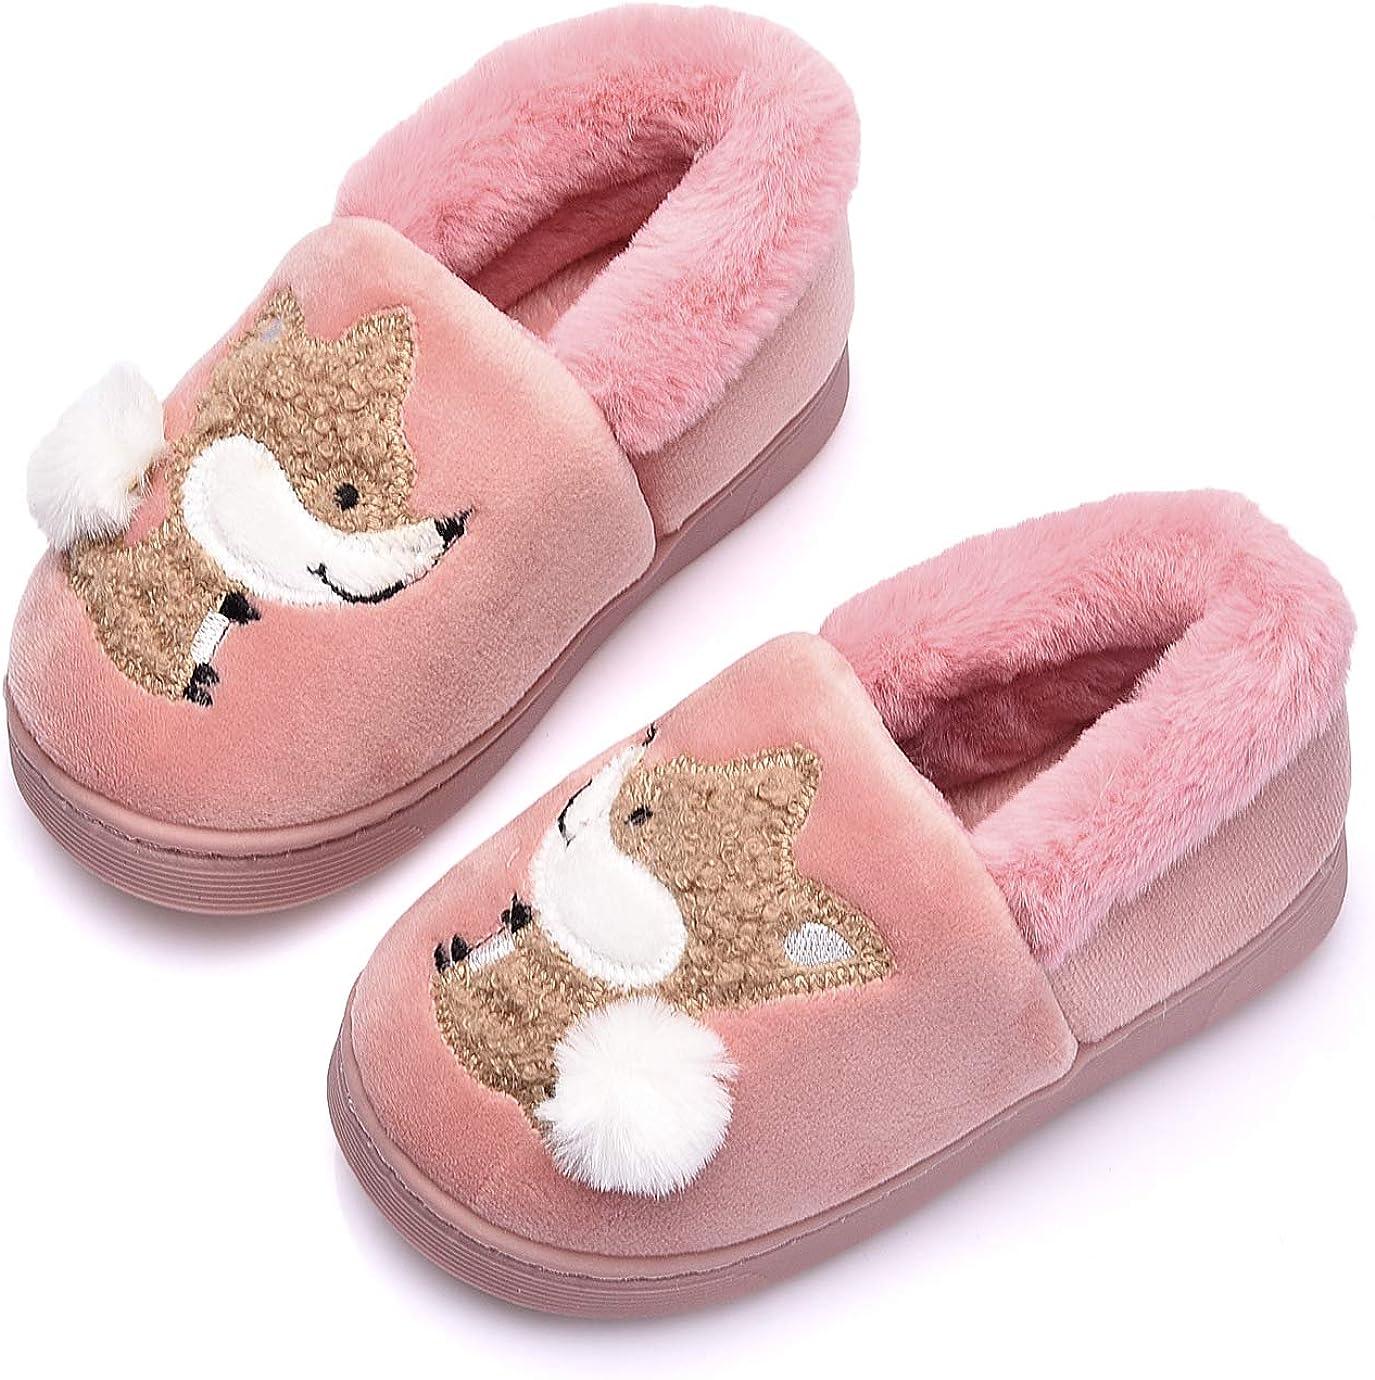 Ainikas Toddler Boys Girls Slippers Fluffy Little Kids House Slippers Warm Fur Cute Animal Home Slipper